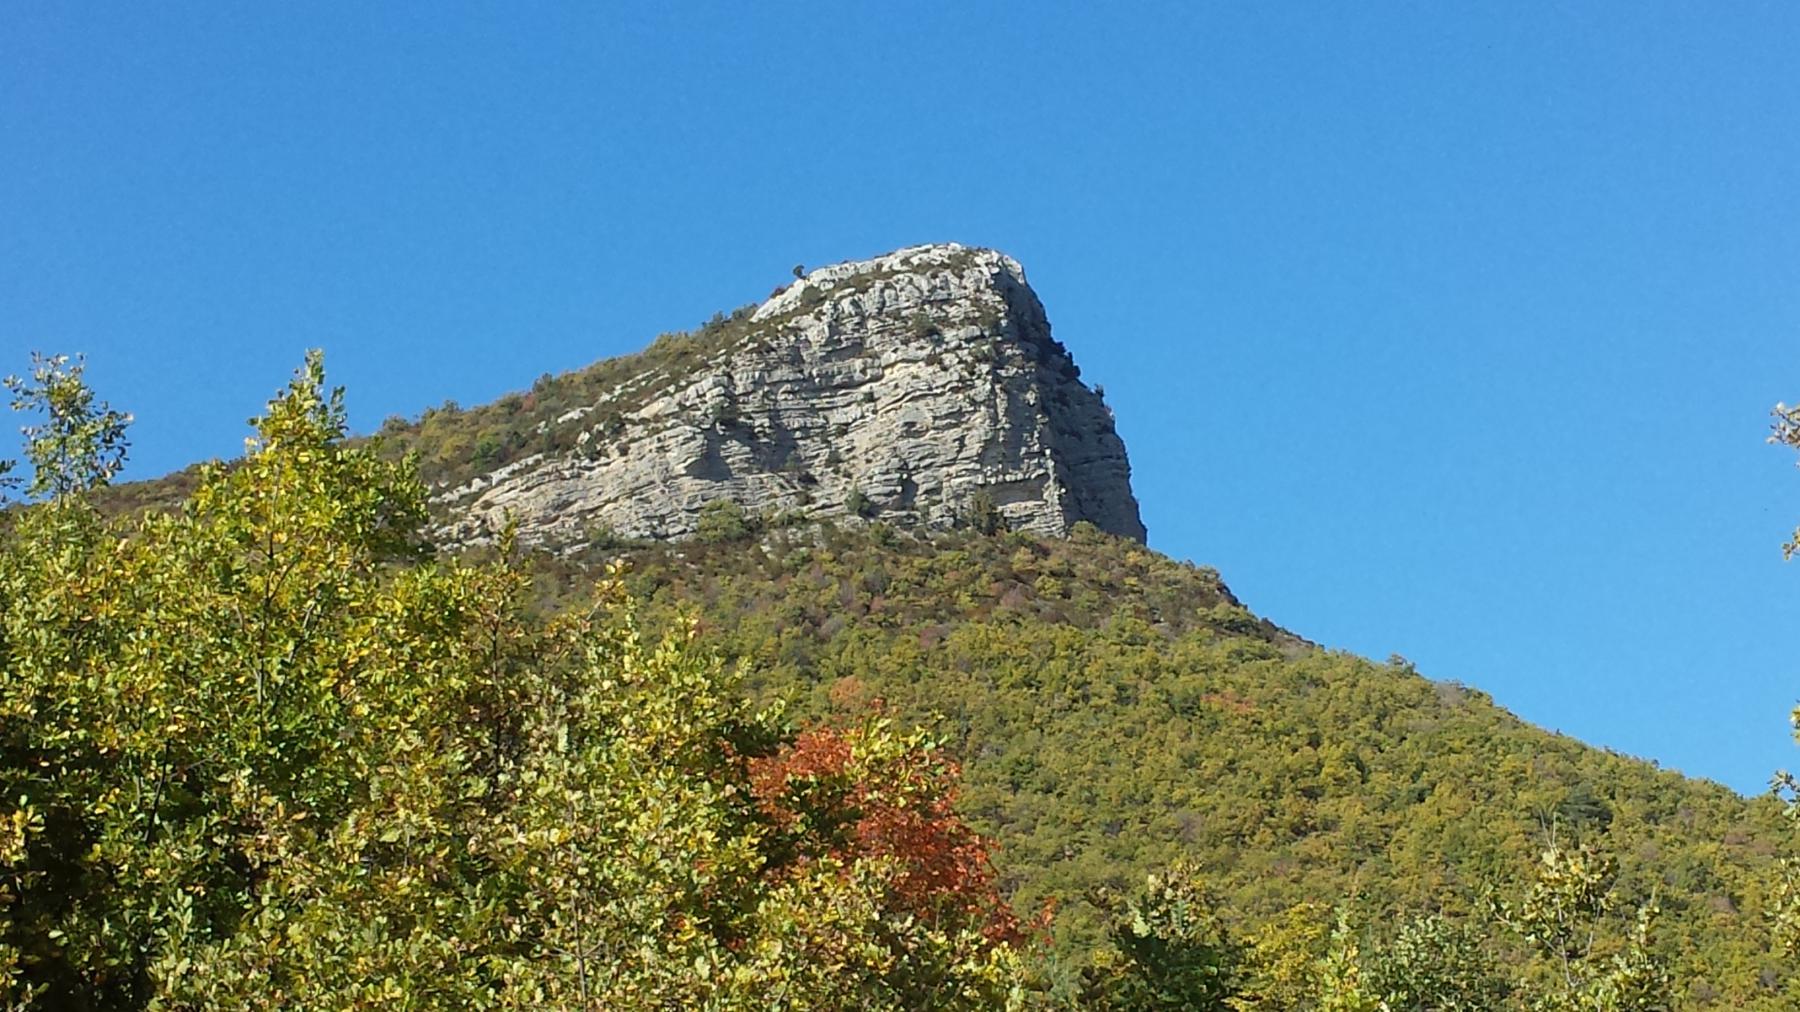 Garde (Mont) per le Rocher Pointu e la Tour du Mont Garde 2014-10-29